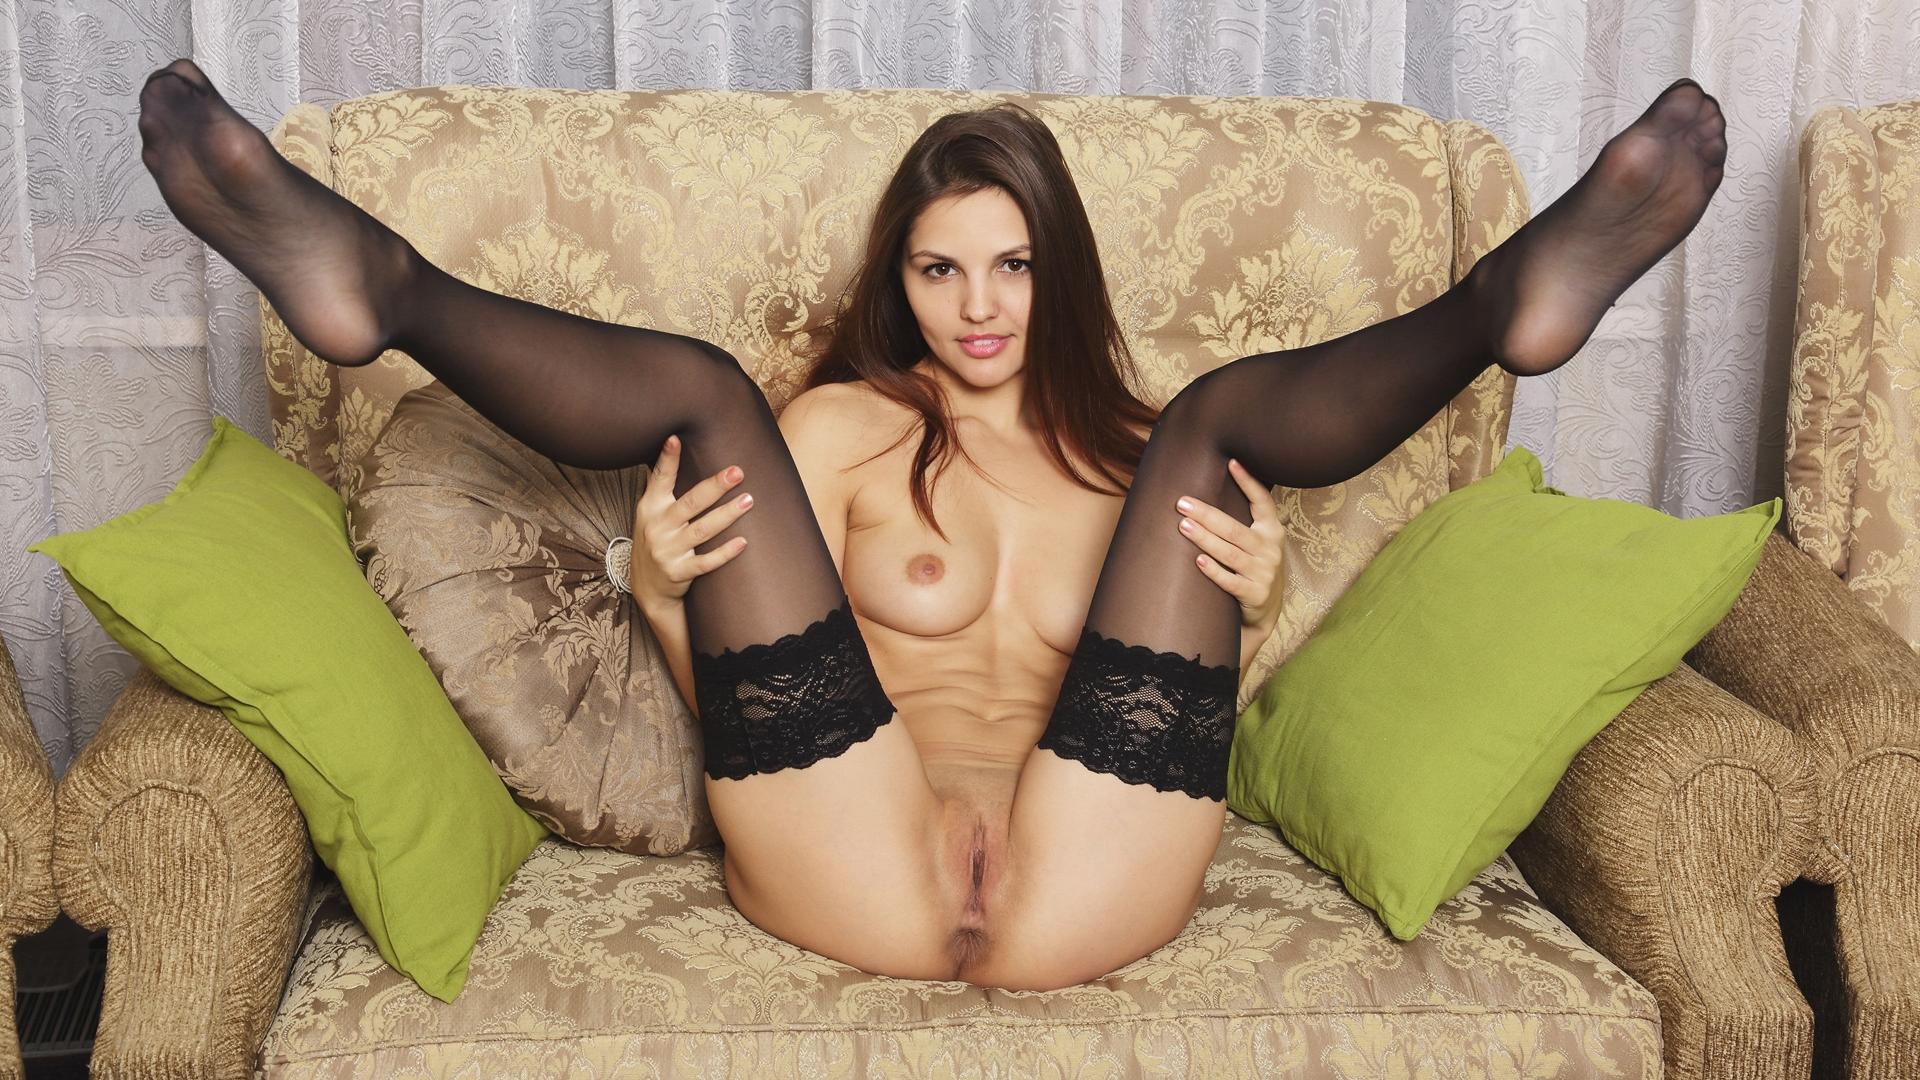 Страстная богиня позирует в чулках порно фото бесплатно